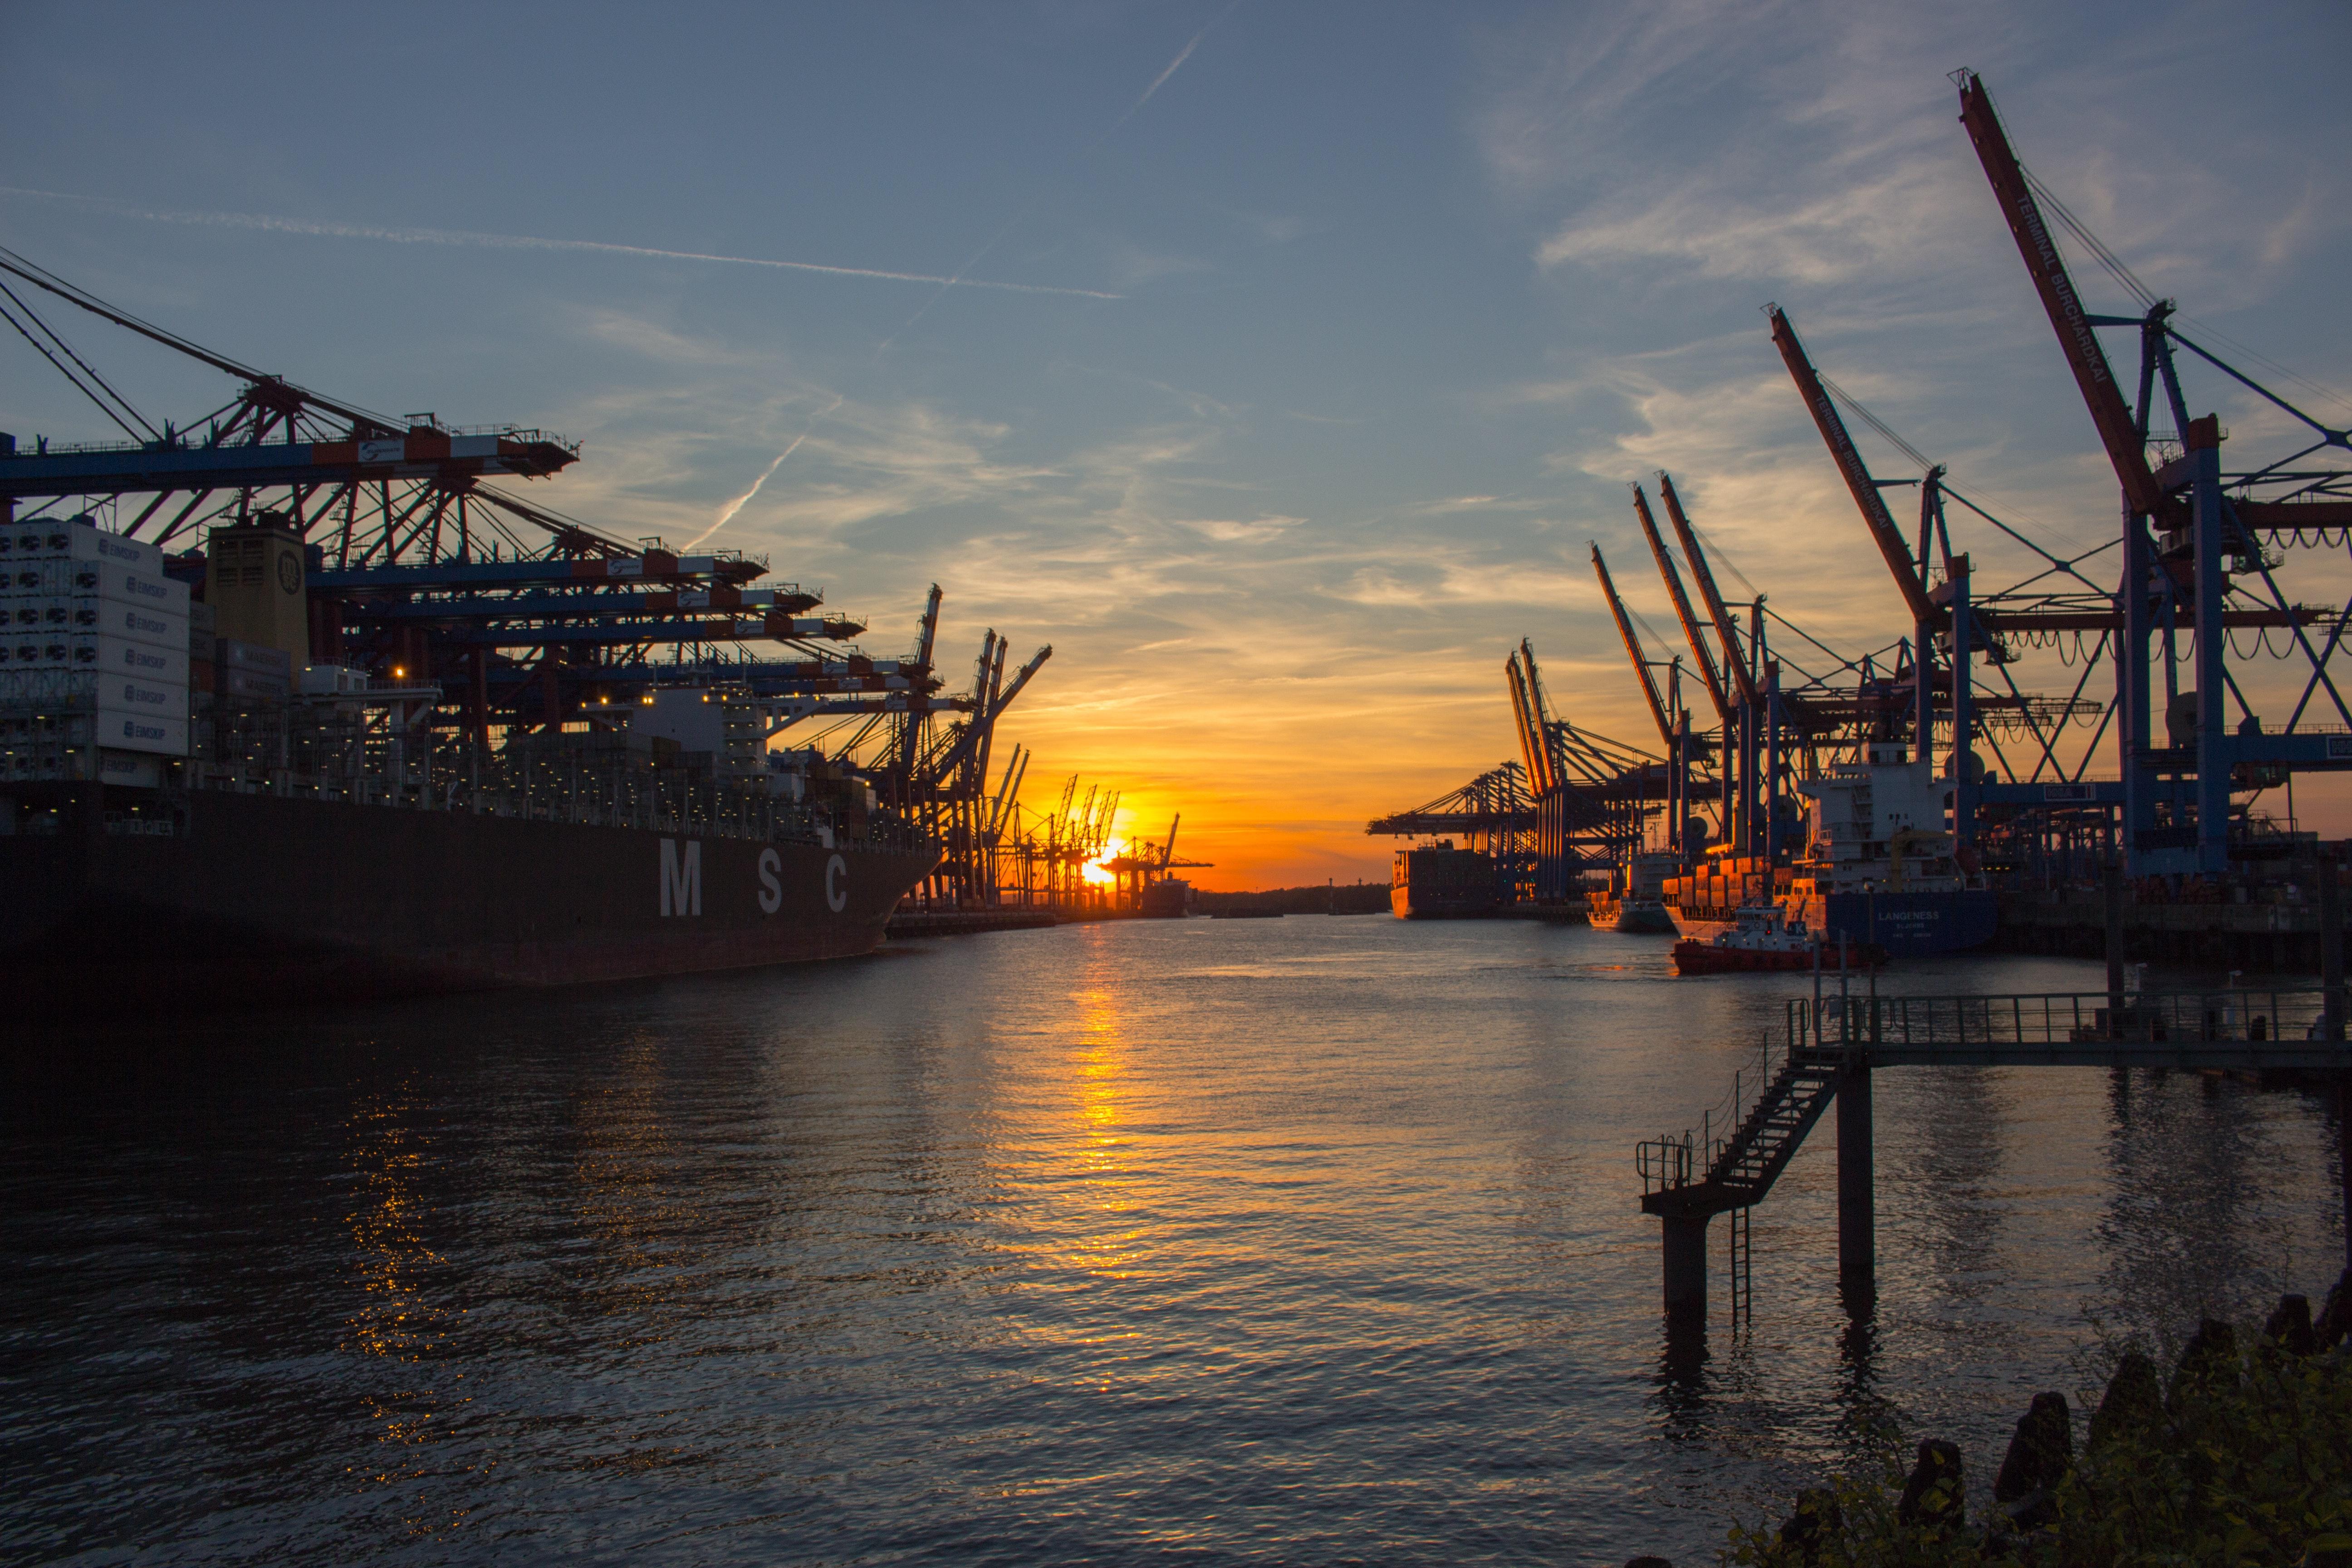 İşte dünyanın en işlek 20 limanı!